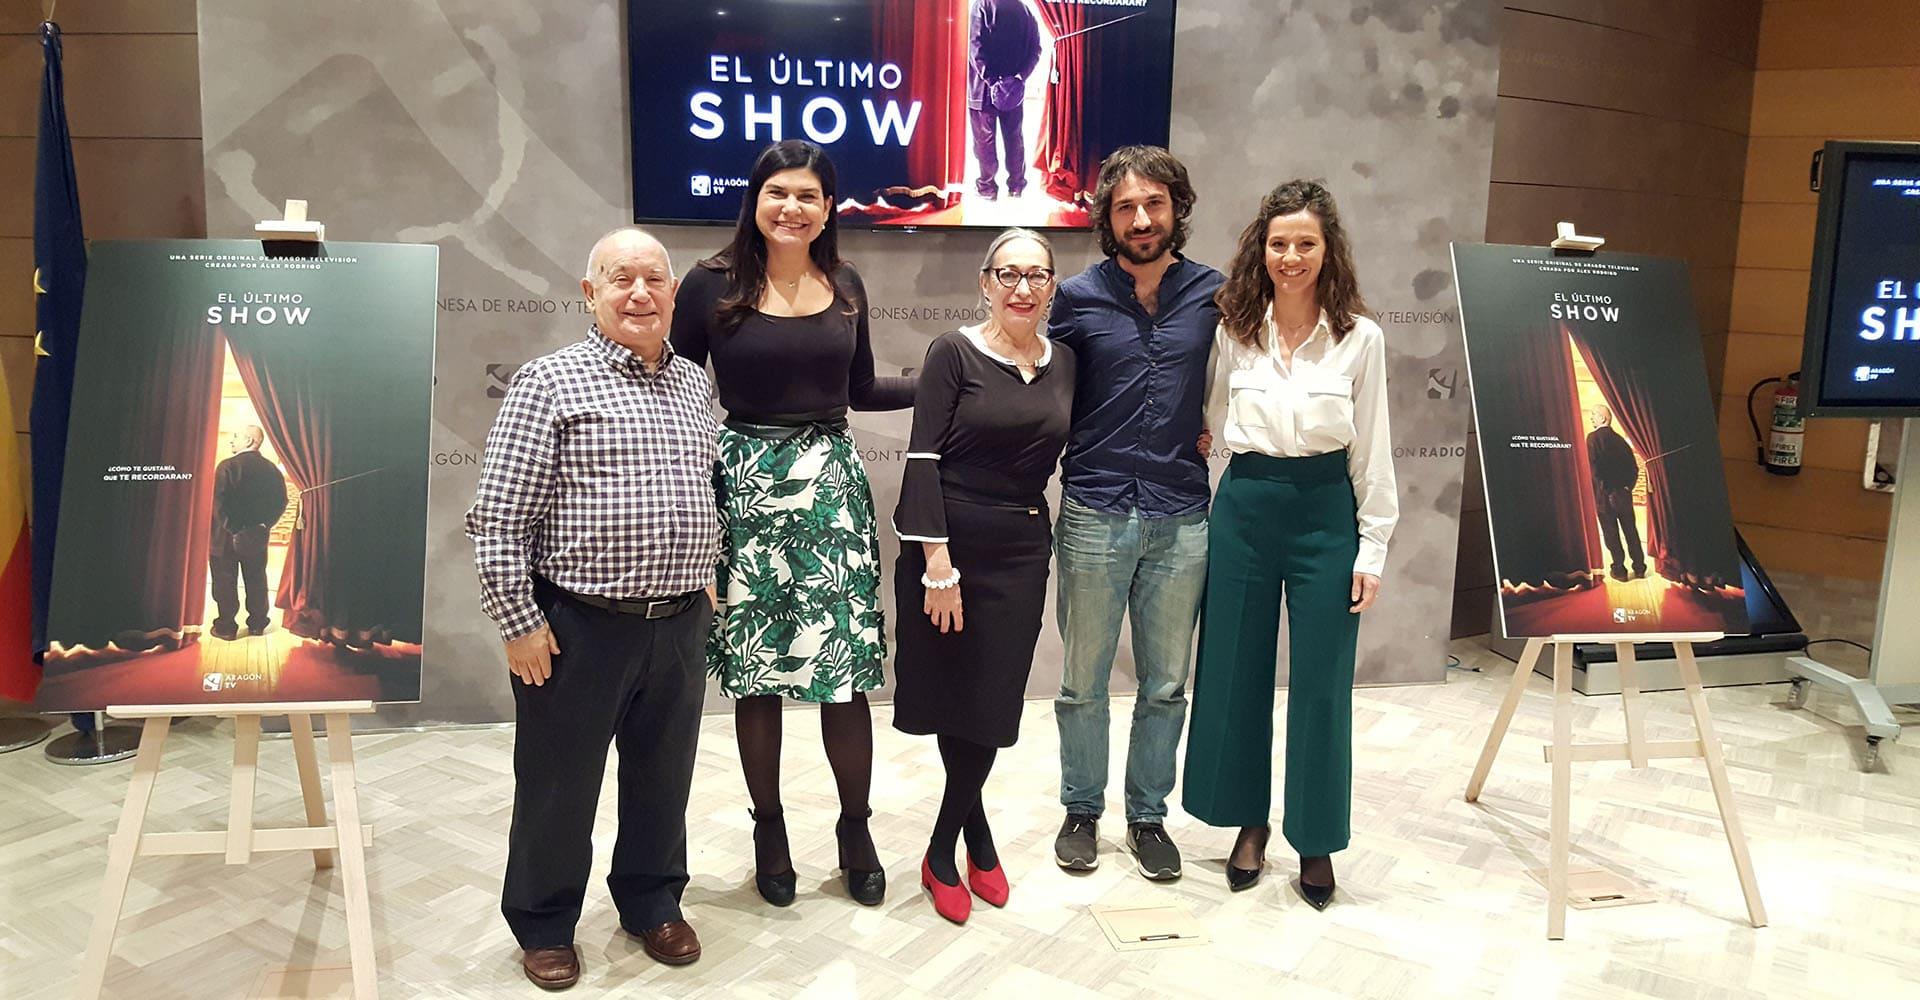 El Último Show presentación Aragón Televisión